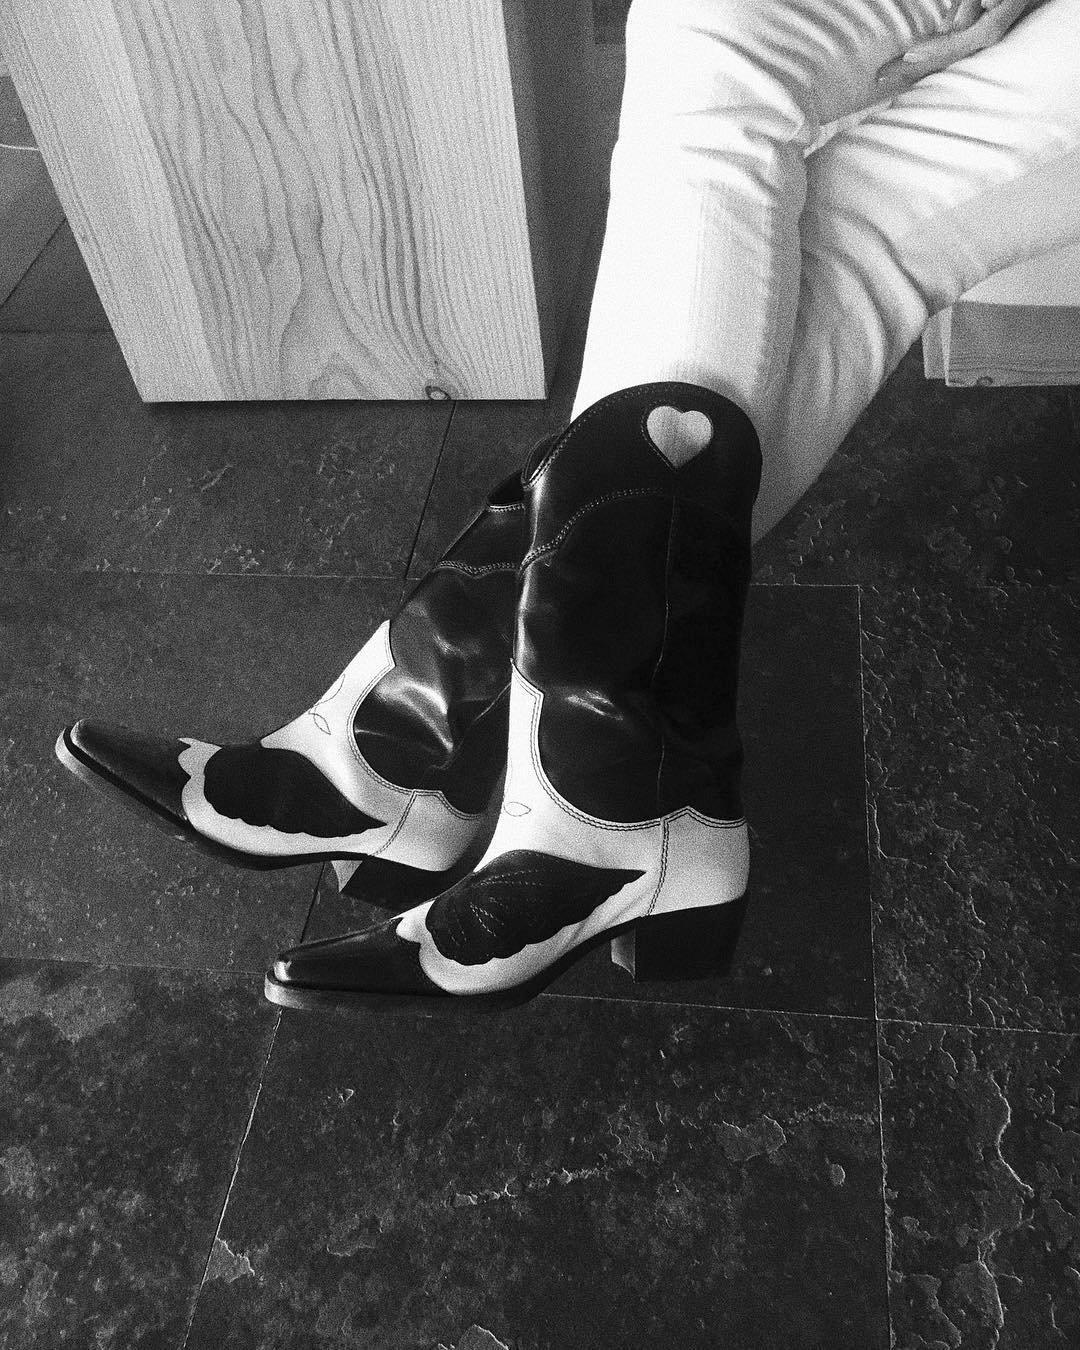 Sara Carbonero botas cowboy Instagram. Sara Carbonero ya tiene sus botas  camperas de nueva temporada 7d798795ee8c0